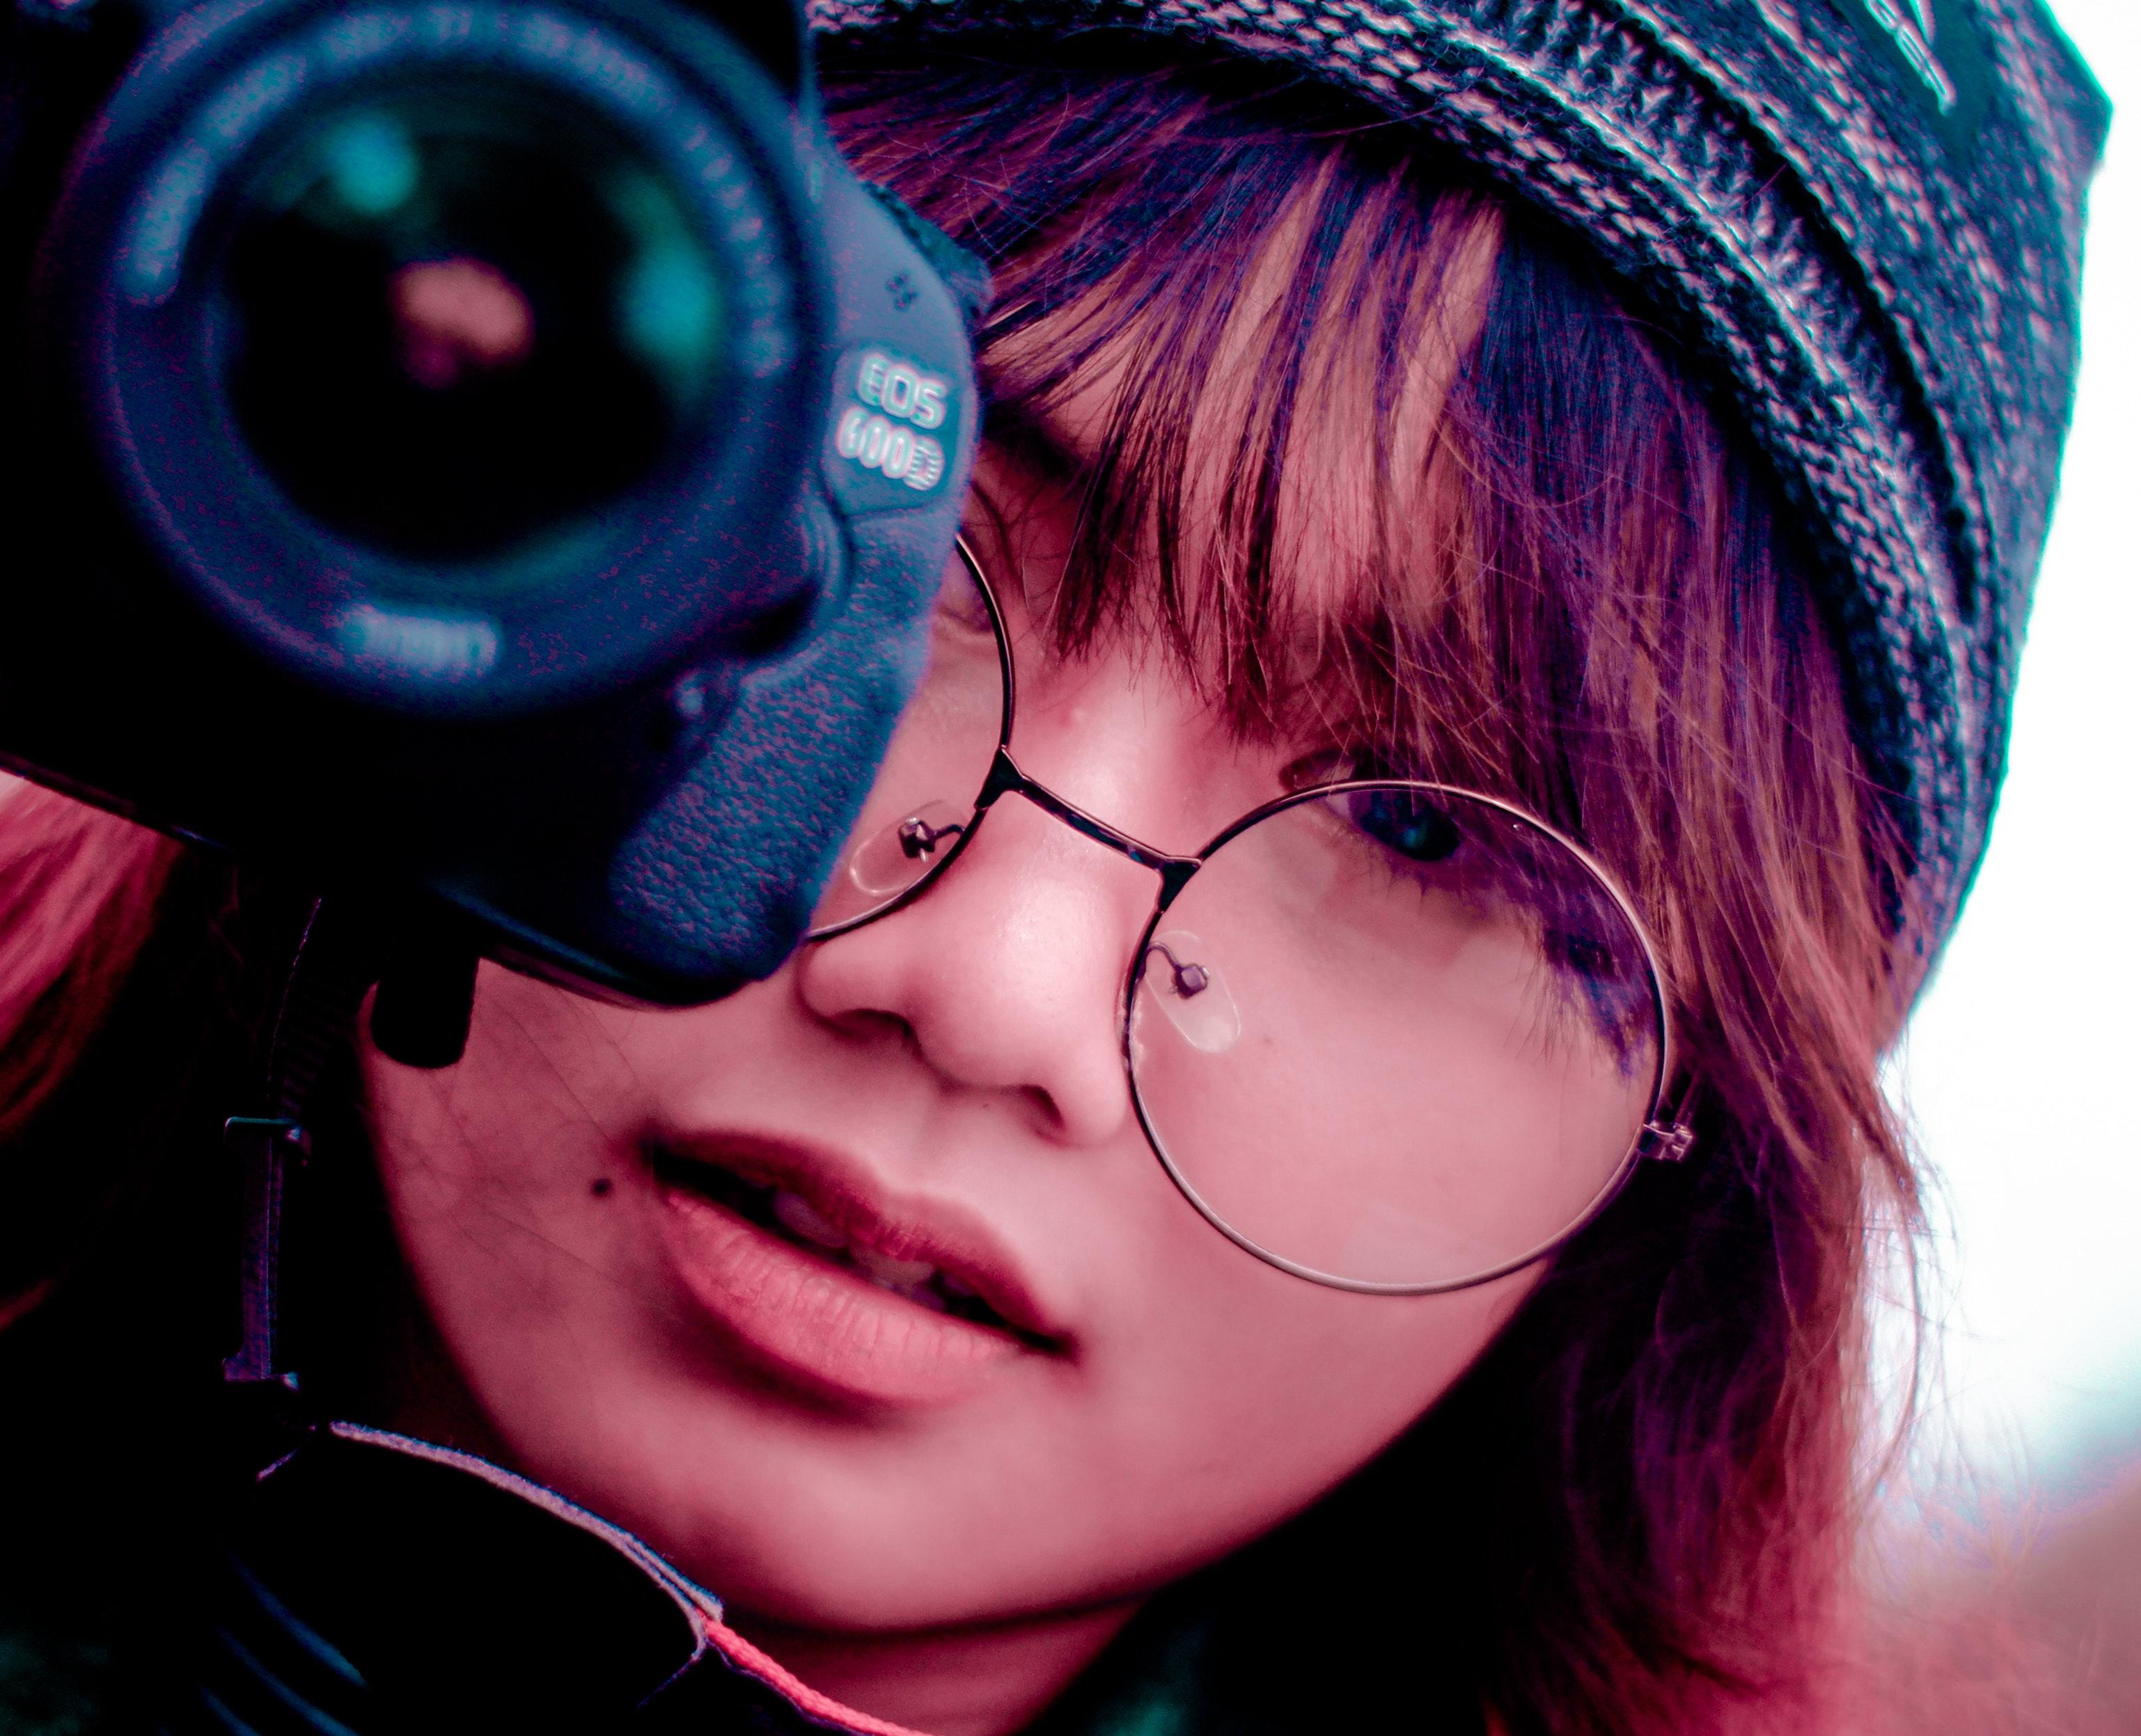 c71b96ce30 difuminar capó cámara lente de la cámara ojo los anteojos cara Moda hembra  niña cabello lente